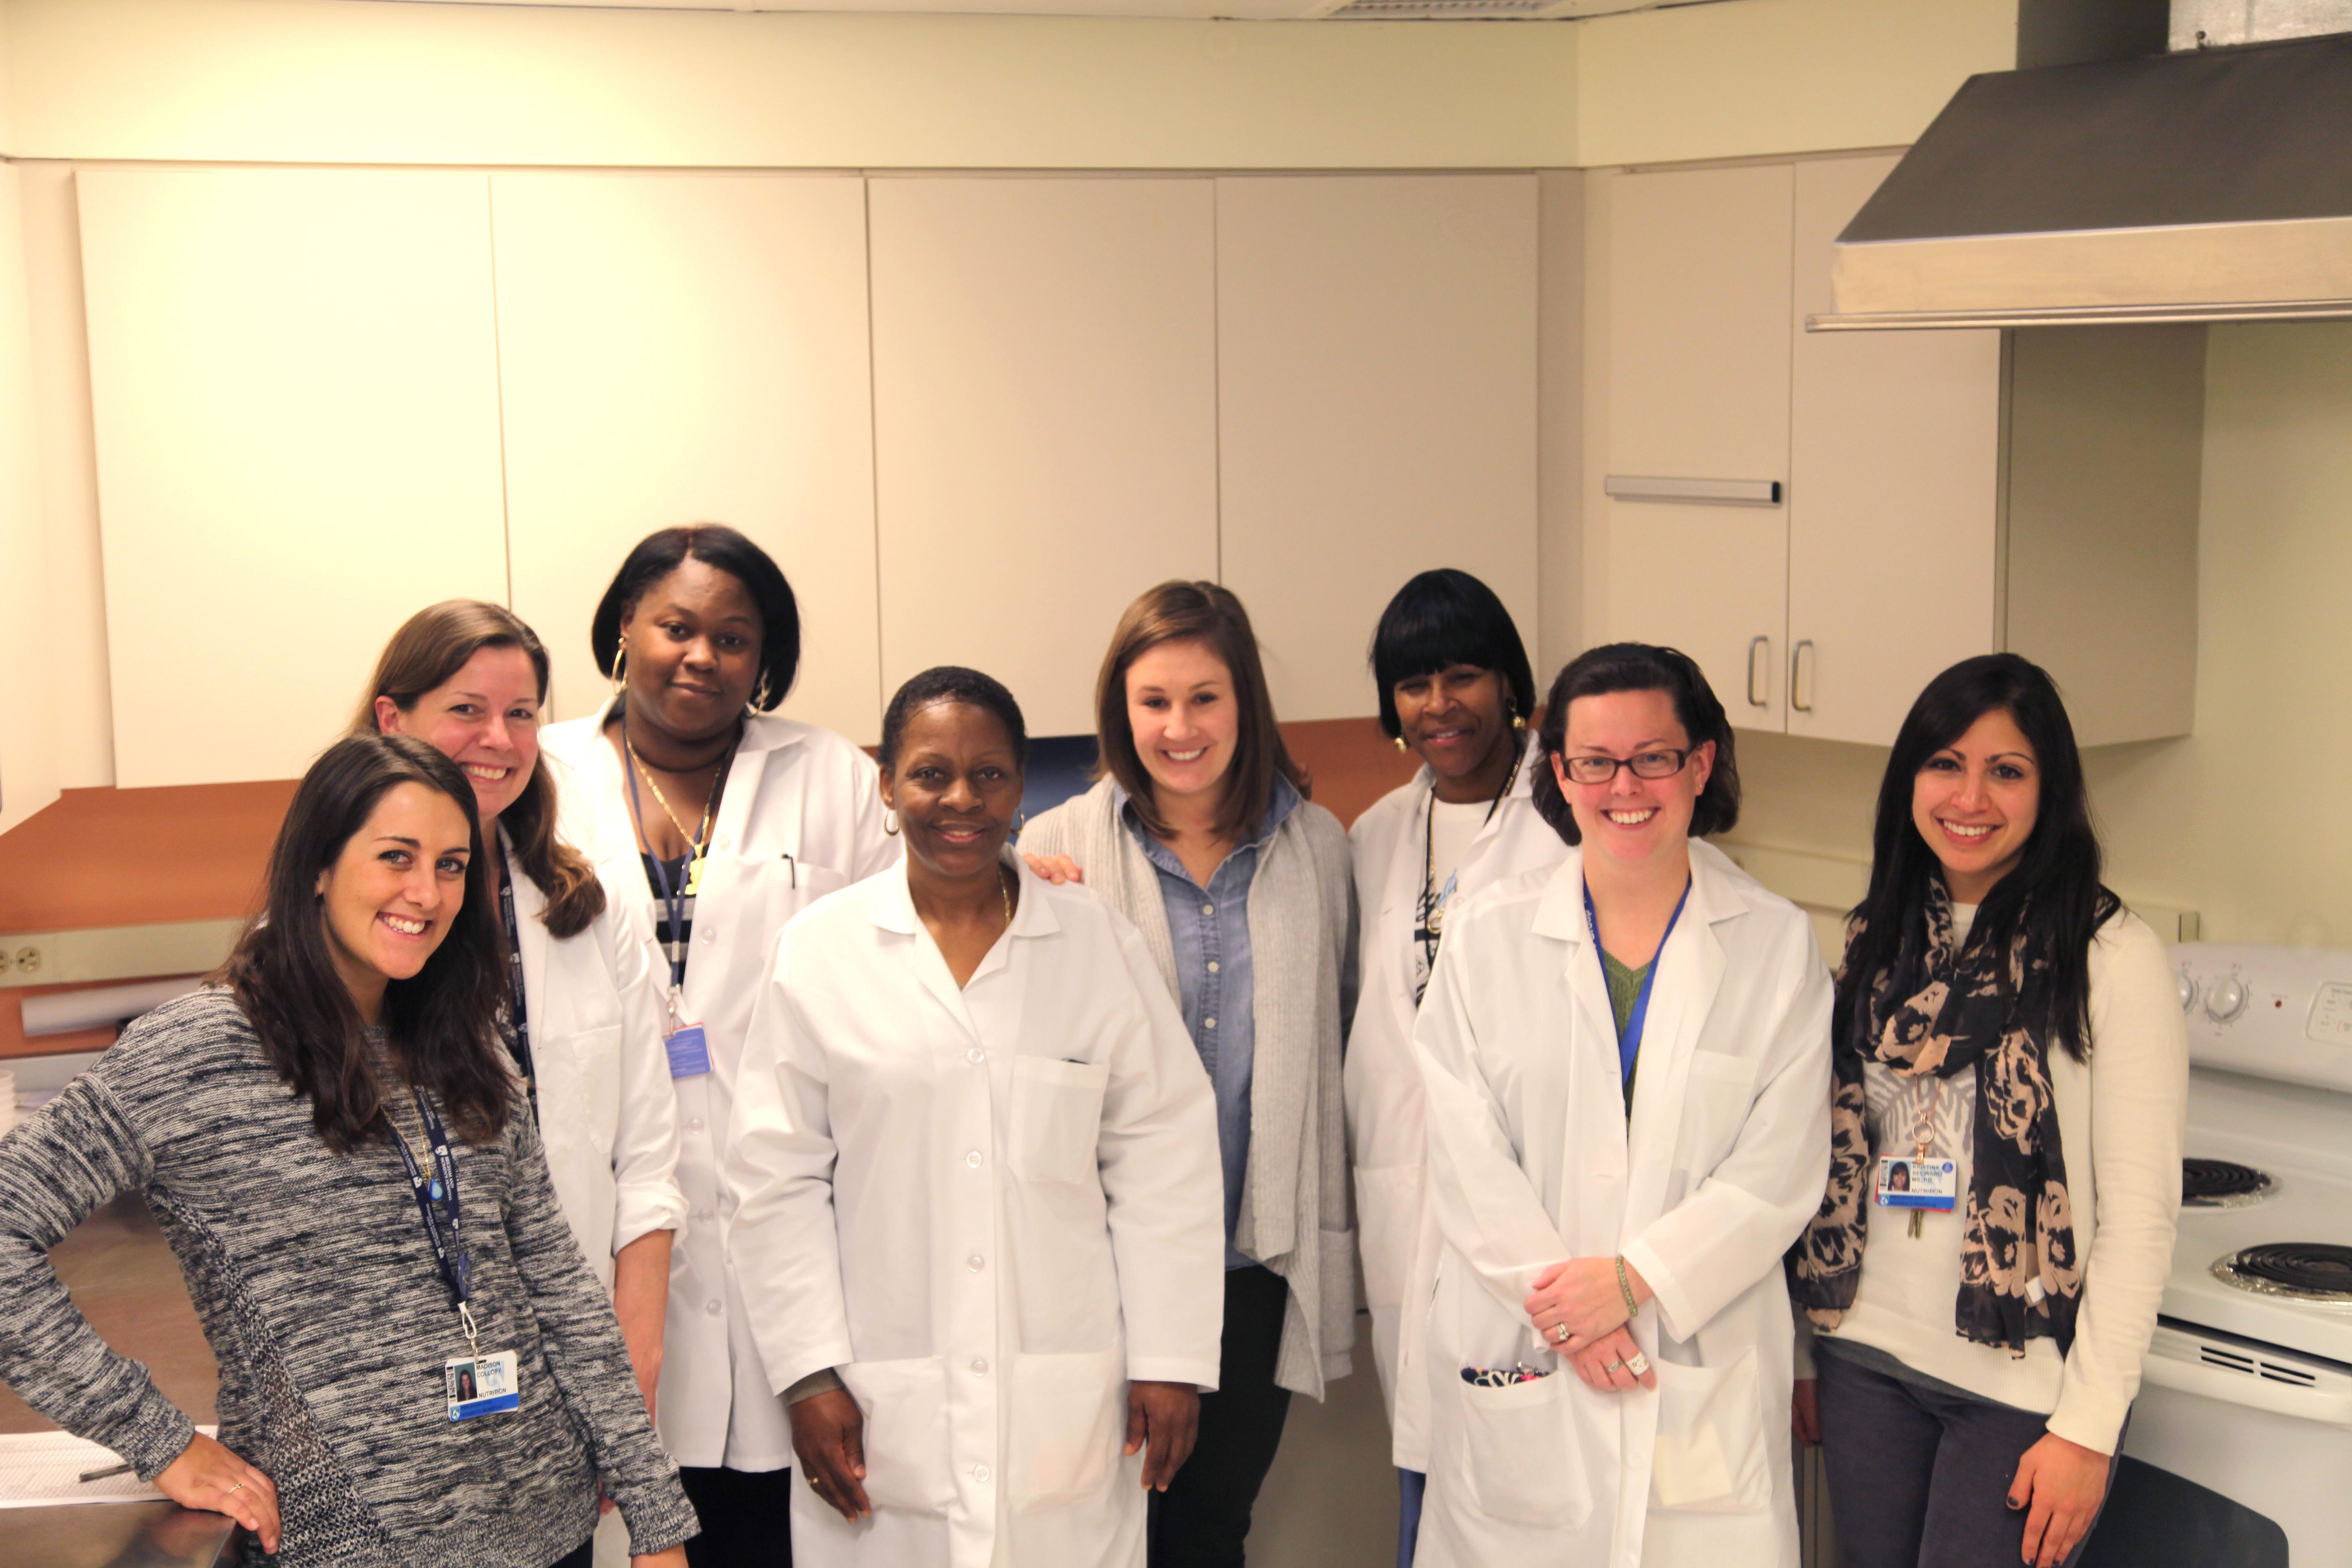 Metabolic Test Kitchen staff